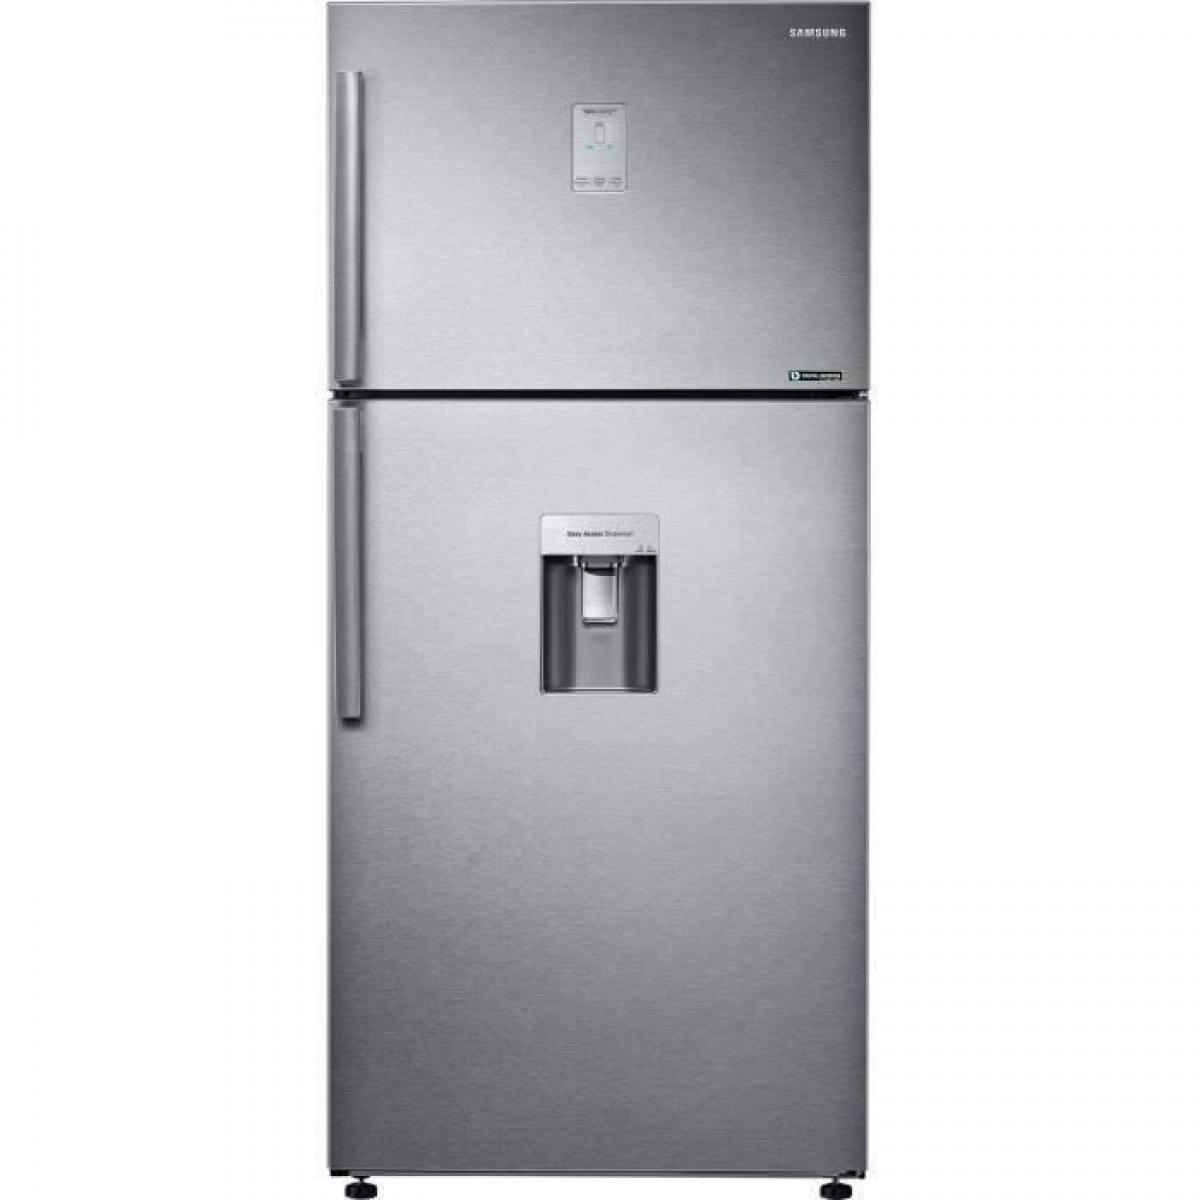 Samsung Samsung RT50K6510SL - Réfrigérateur double portes - 499L (374+125) - Froid ventilé intégral - Classe A+/F - 79x178.5cm -